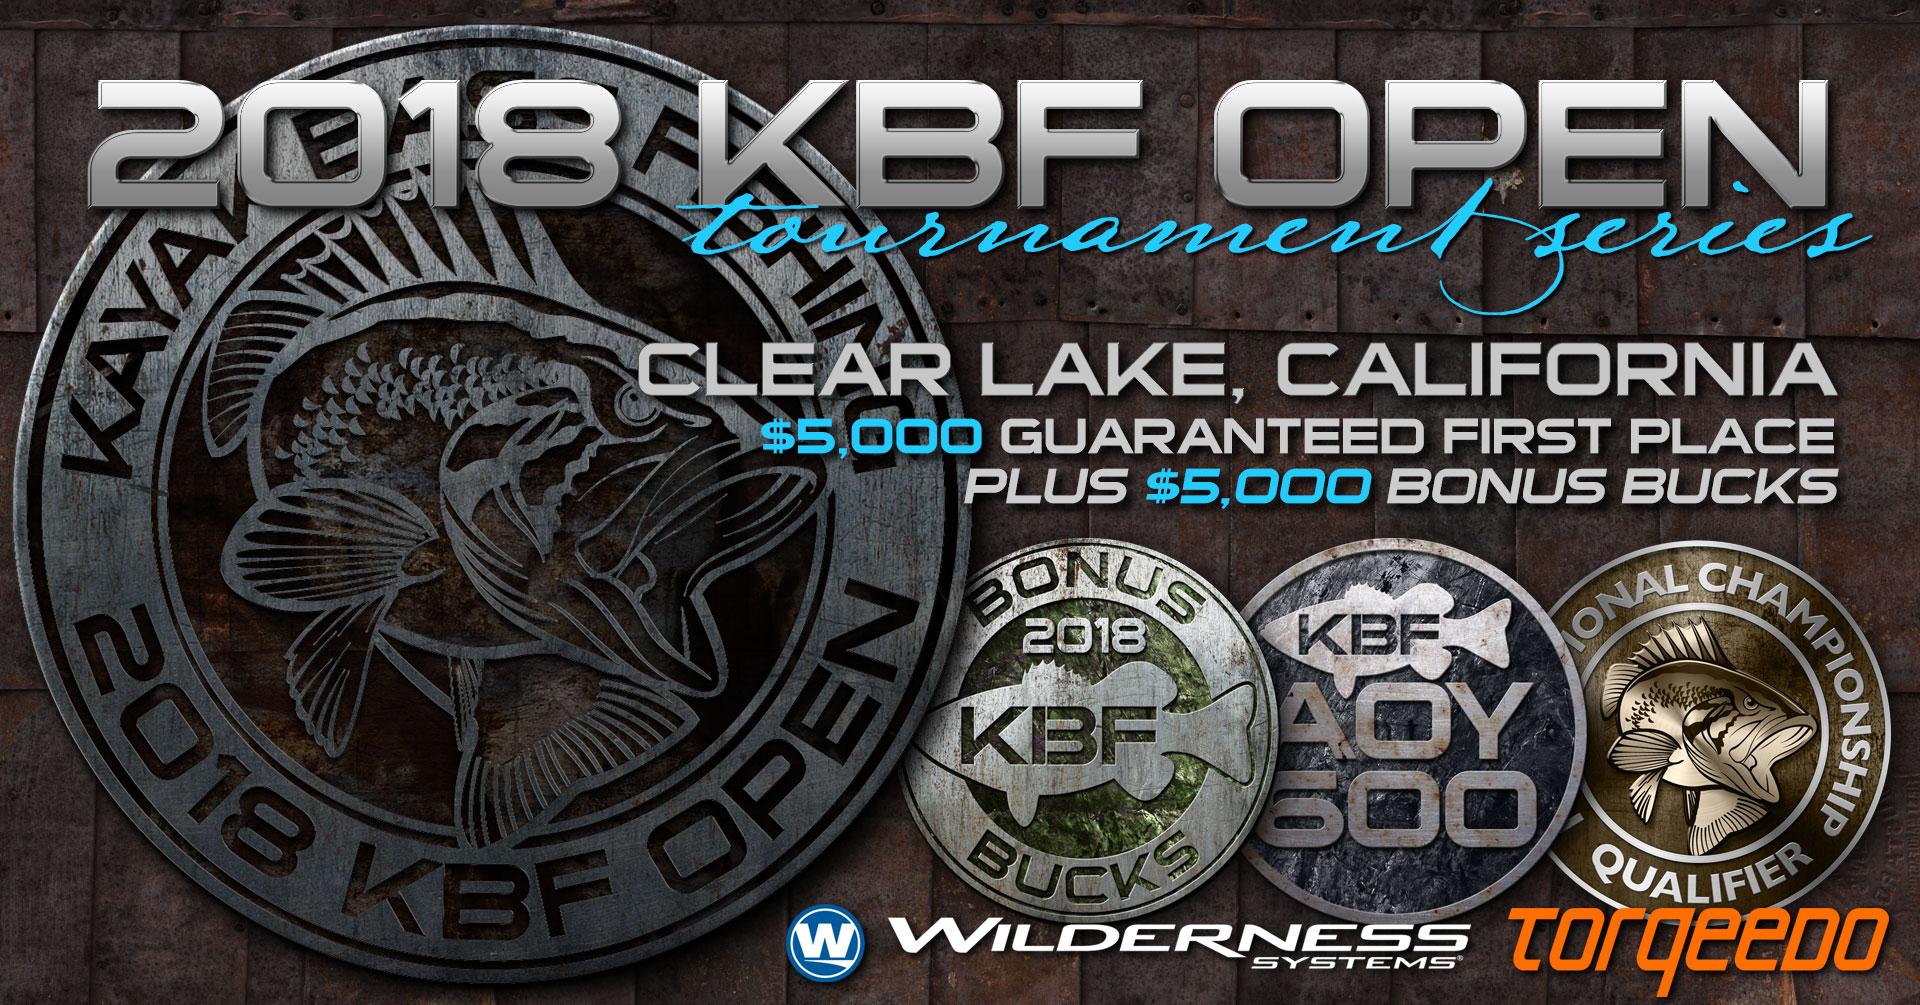 2018 KBF Western OPEN